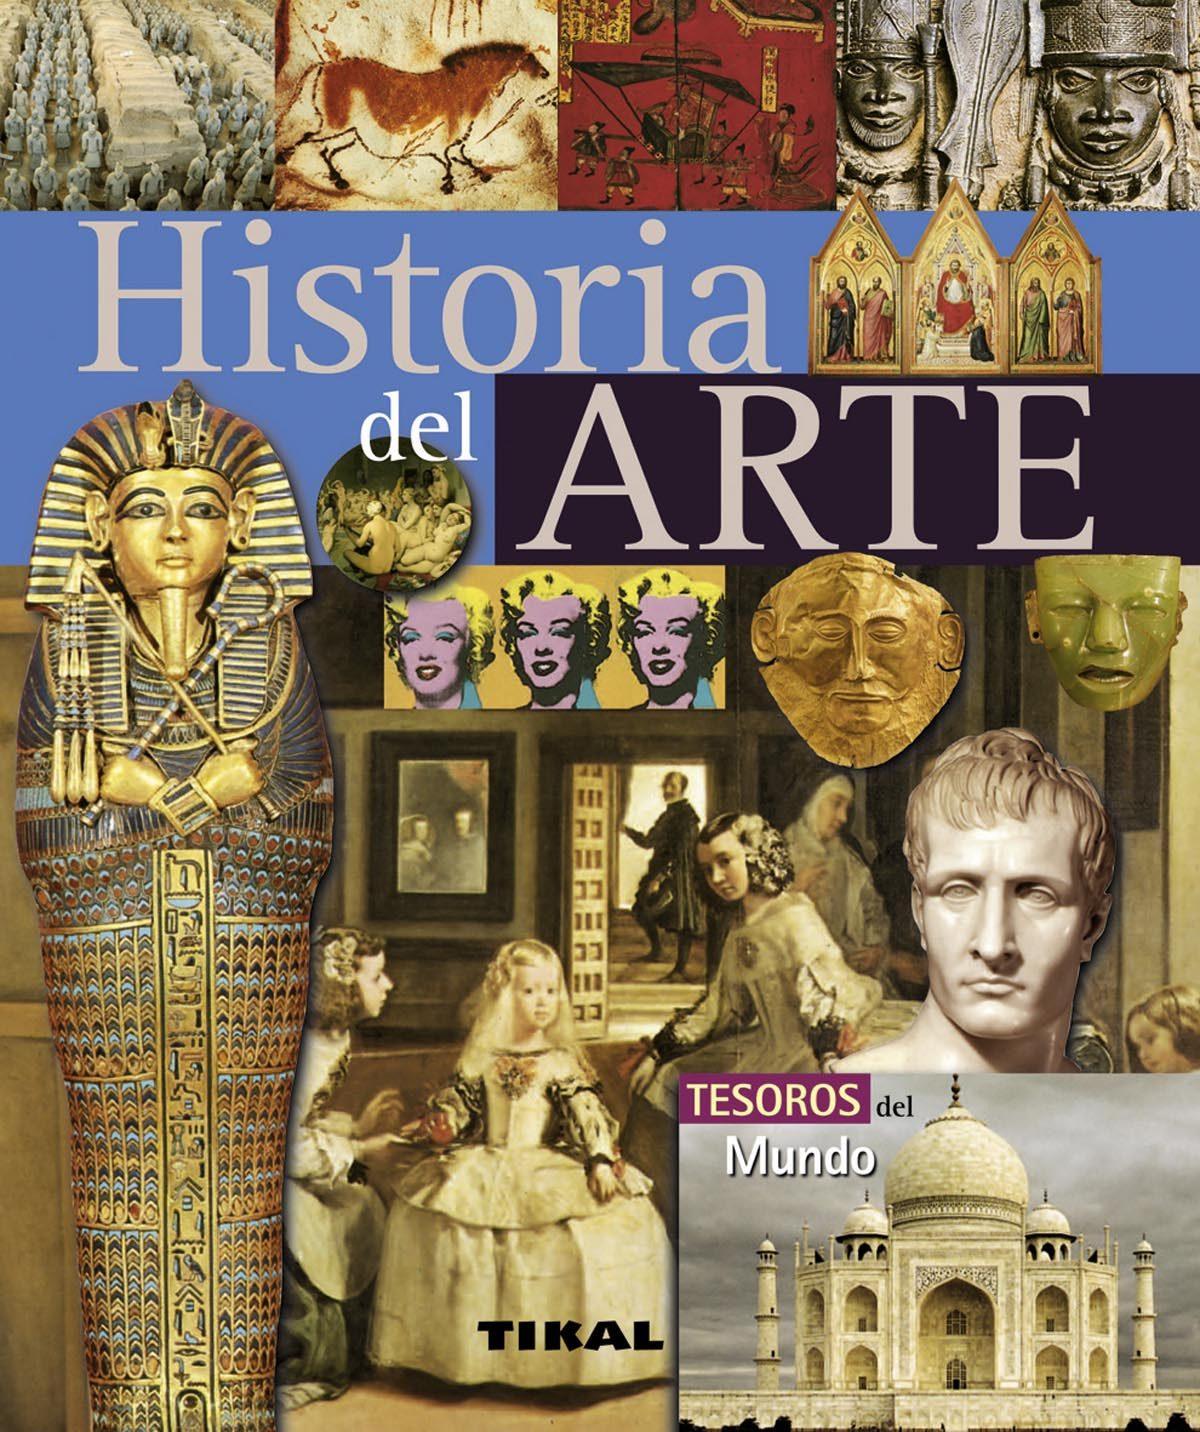 Imagen de referencia de Historia